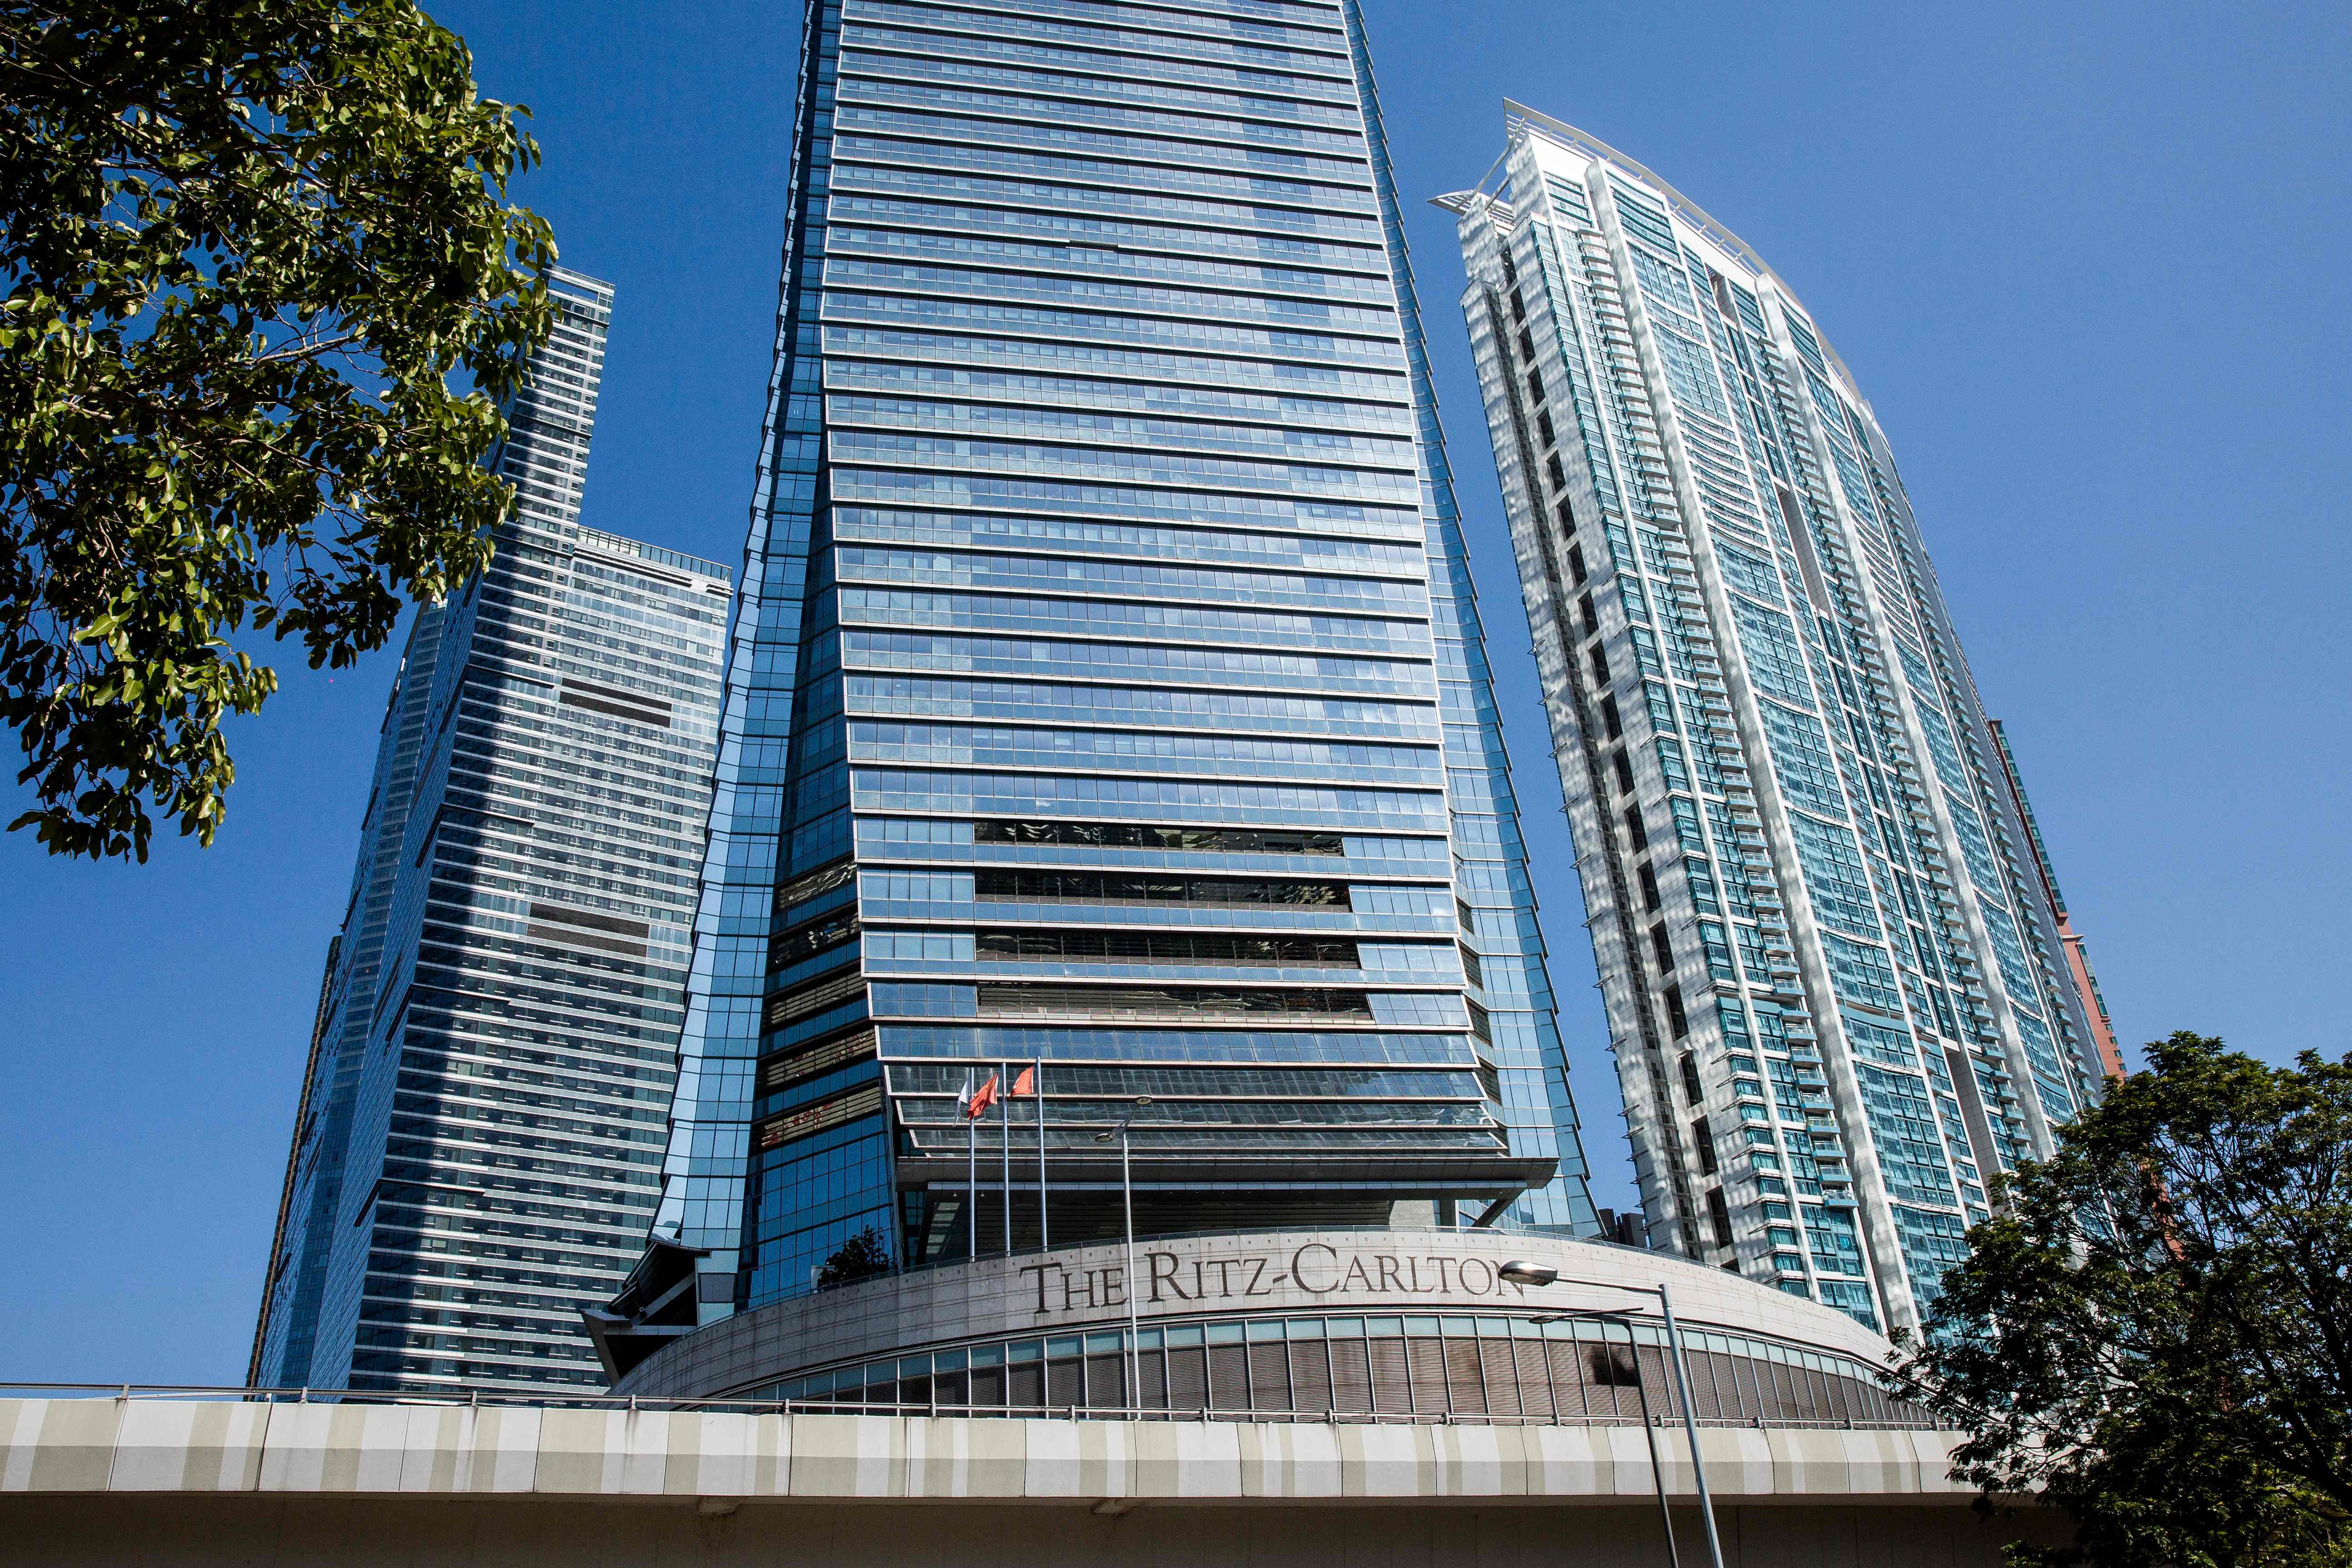 فندق ريتزل كارلتون فى هونج كونج